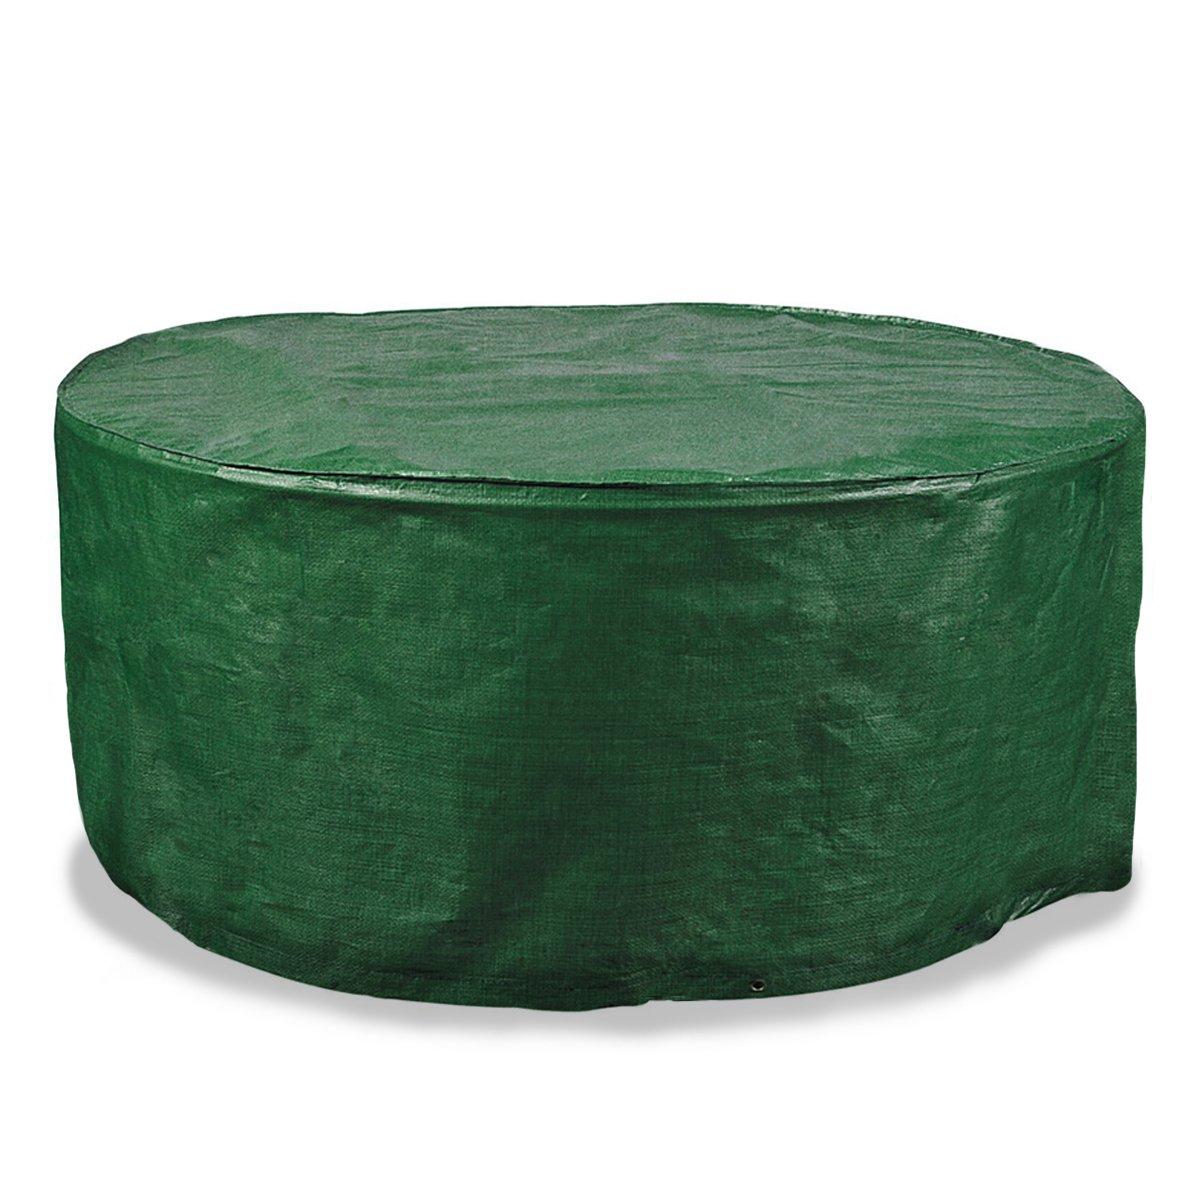 Schutzhülle für runden Gartentisch | wasserdicht, schnelltrocknend, pflegeleicht | 125 x 81 cm günstig